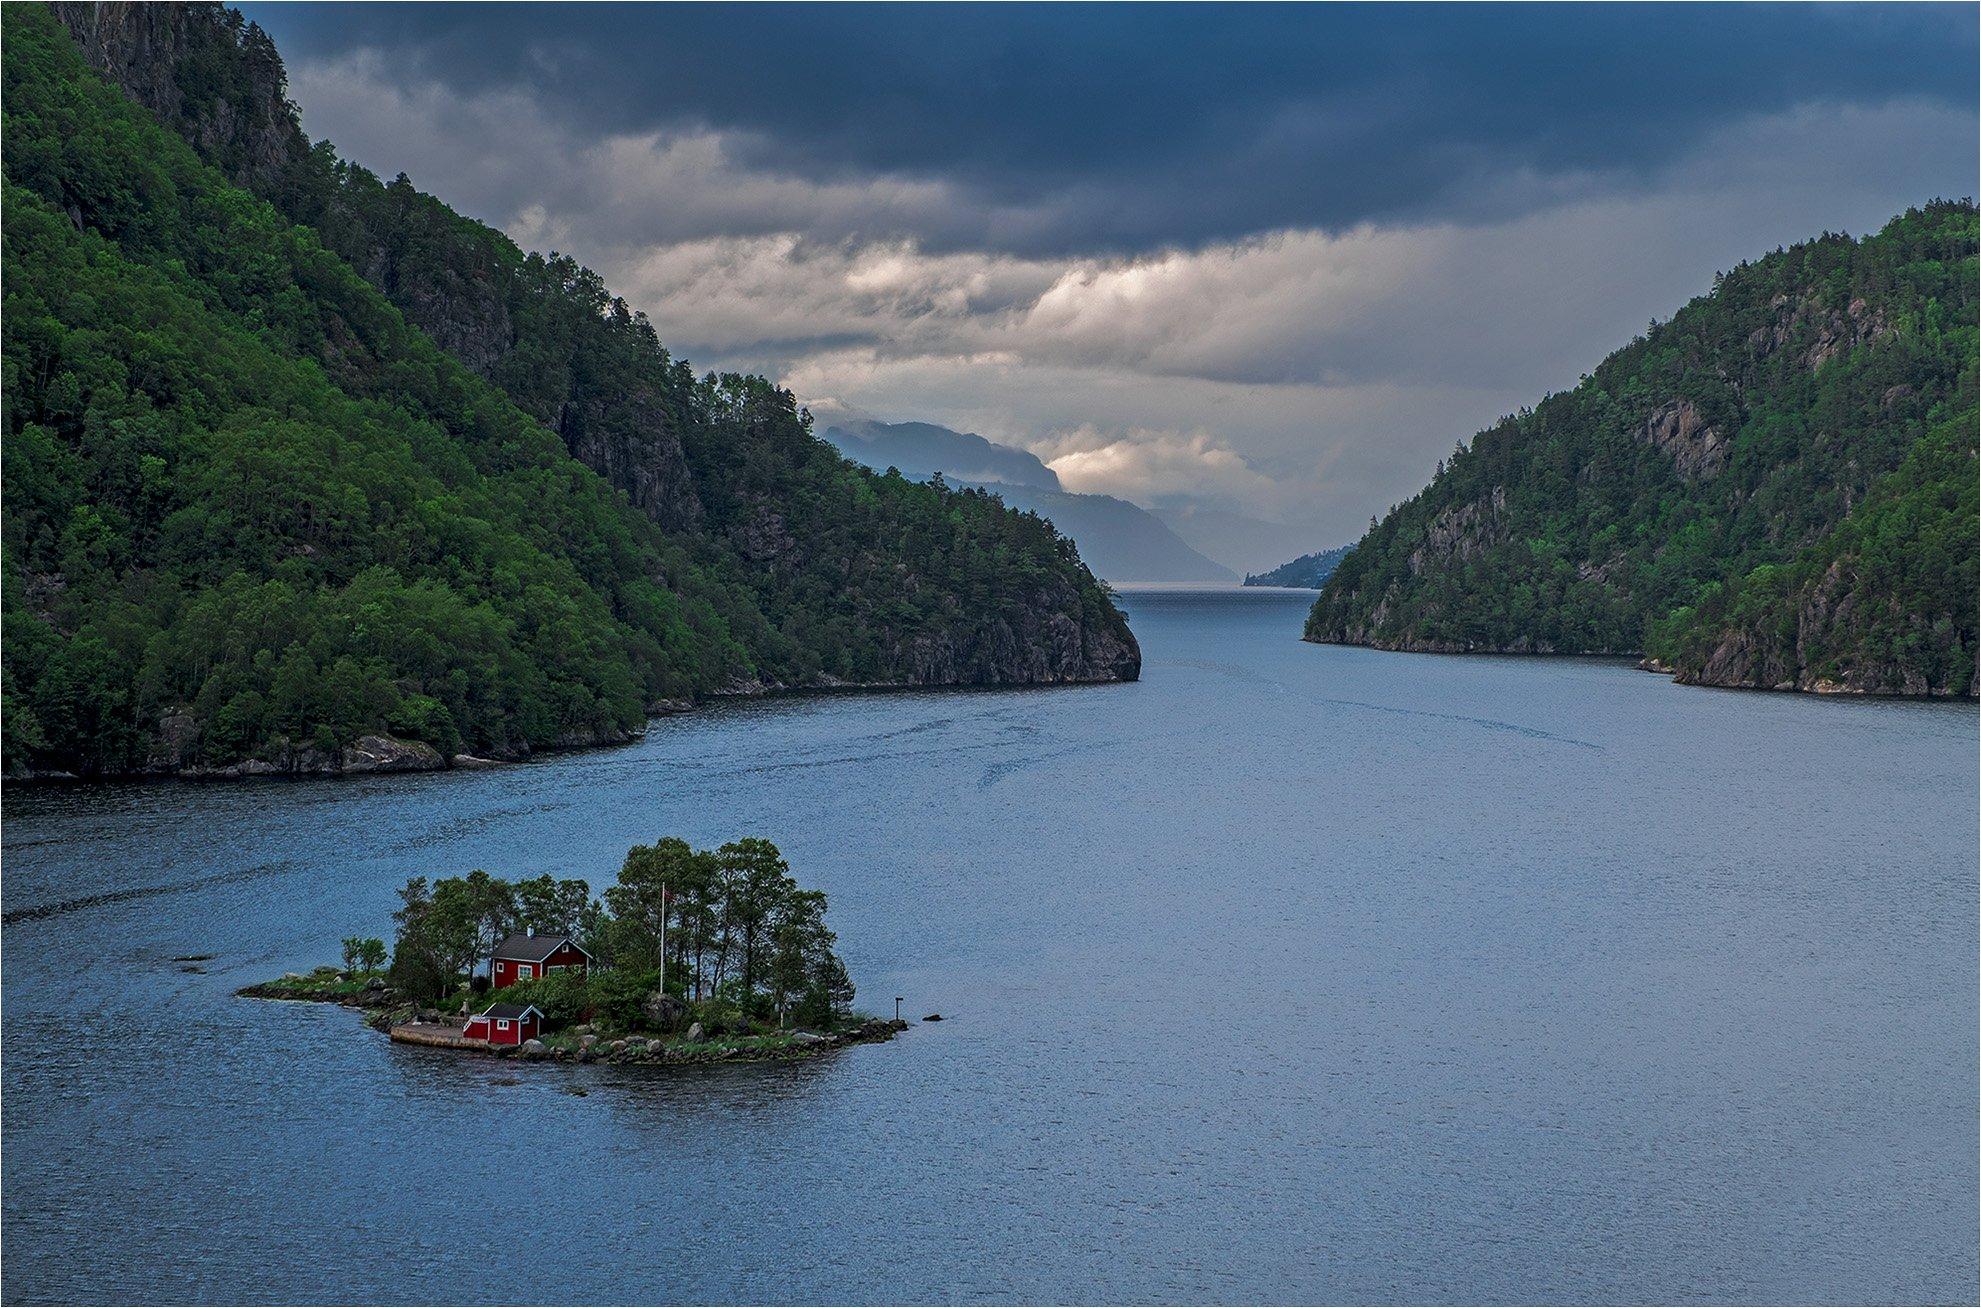 norway, fjord, норвегия, фьорд, Владимир В. Эделев